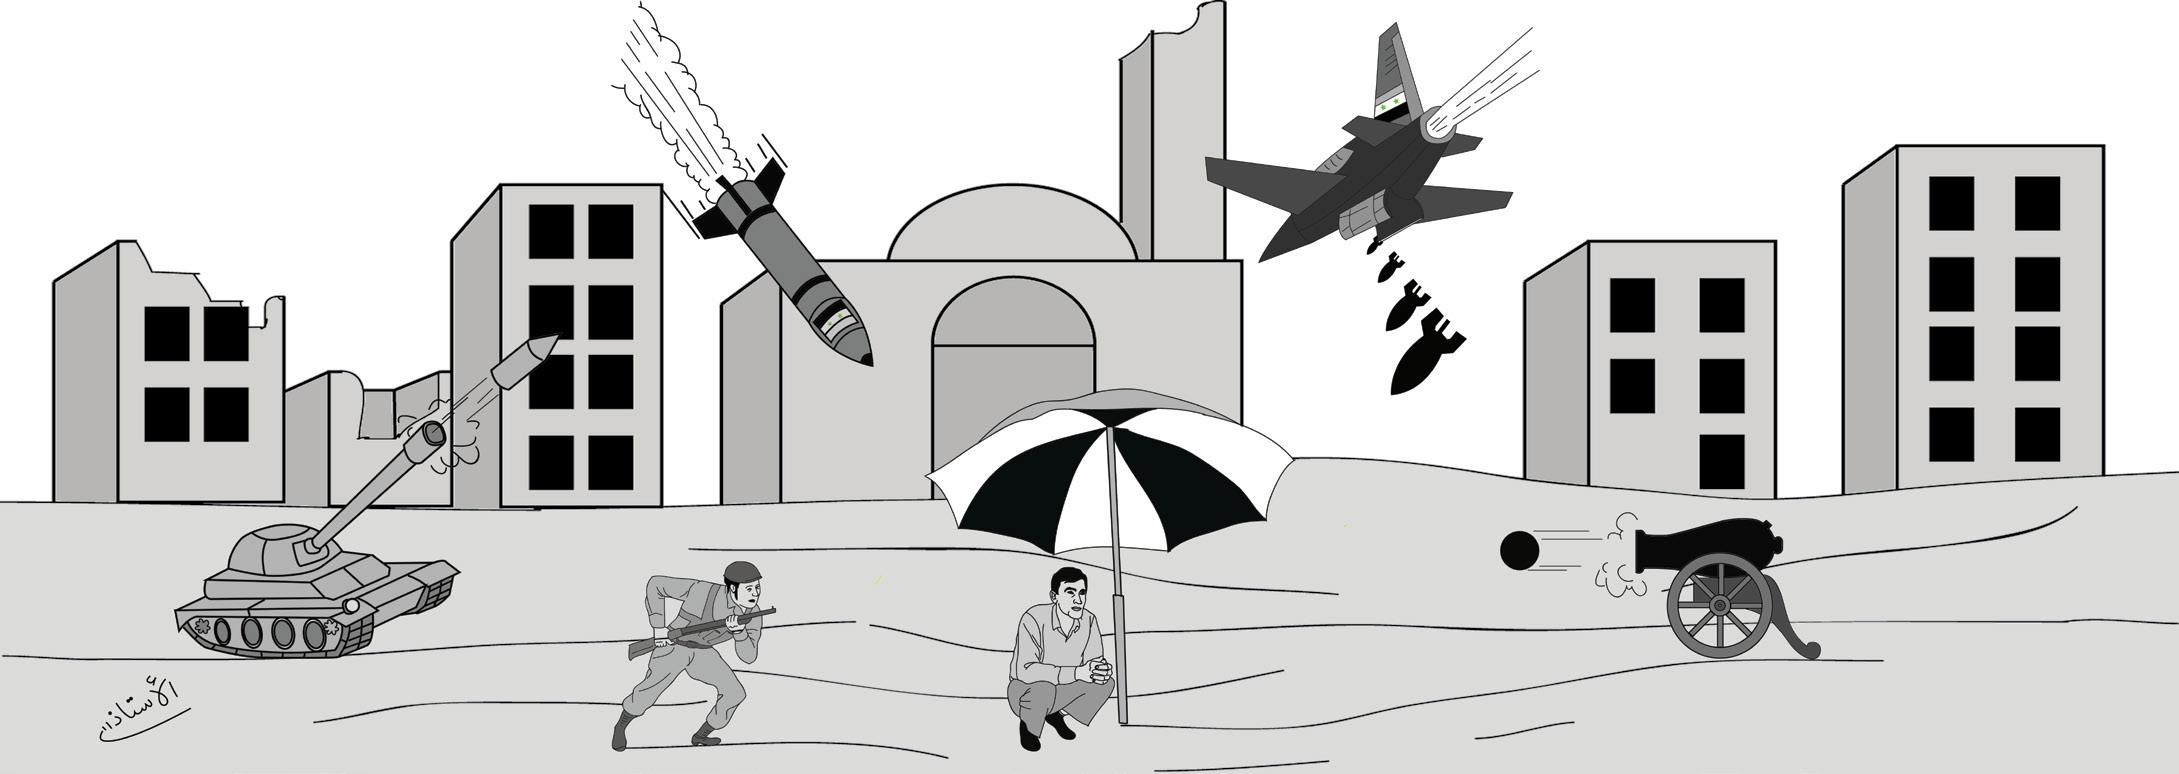 معرض السلاح في الوطن المستباح – يُمنى محمد الخطيب